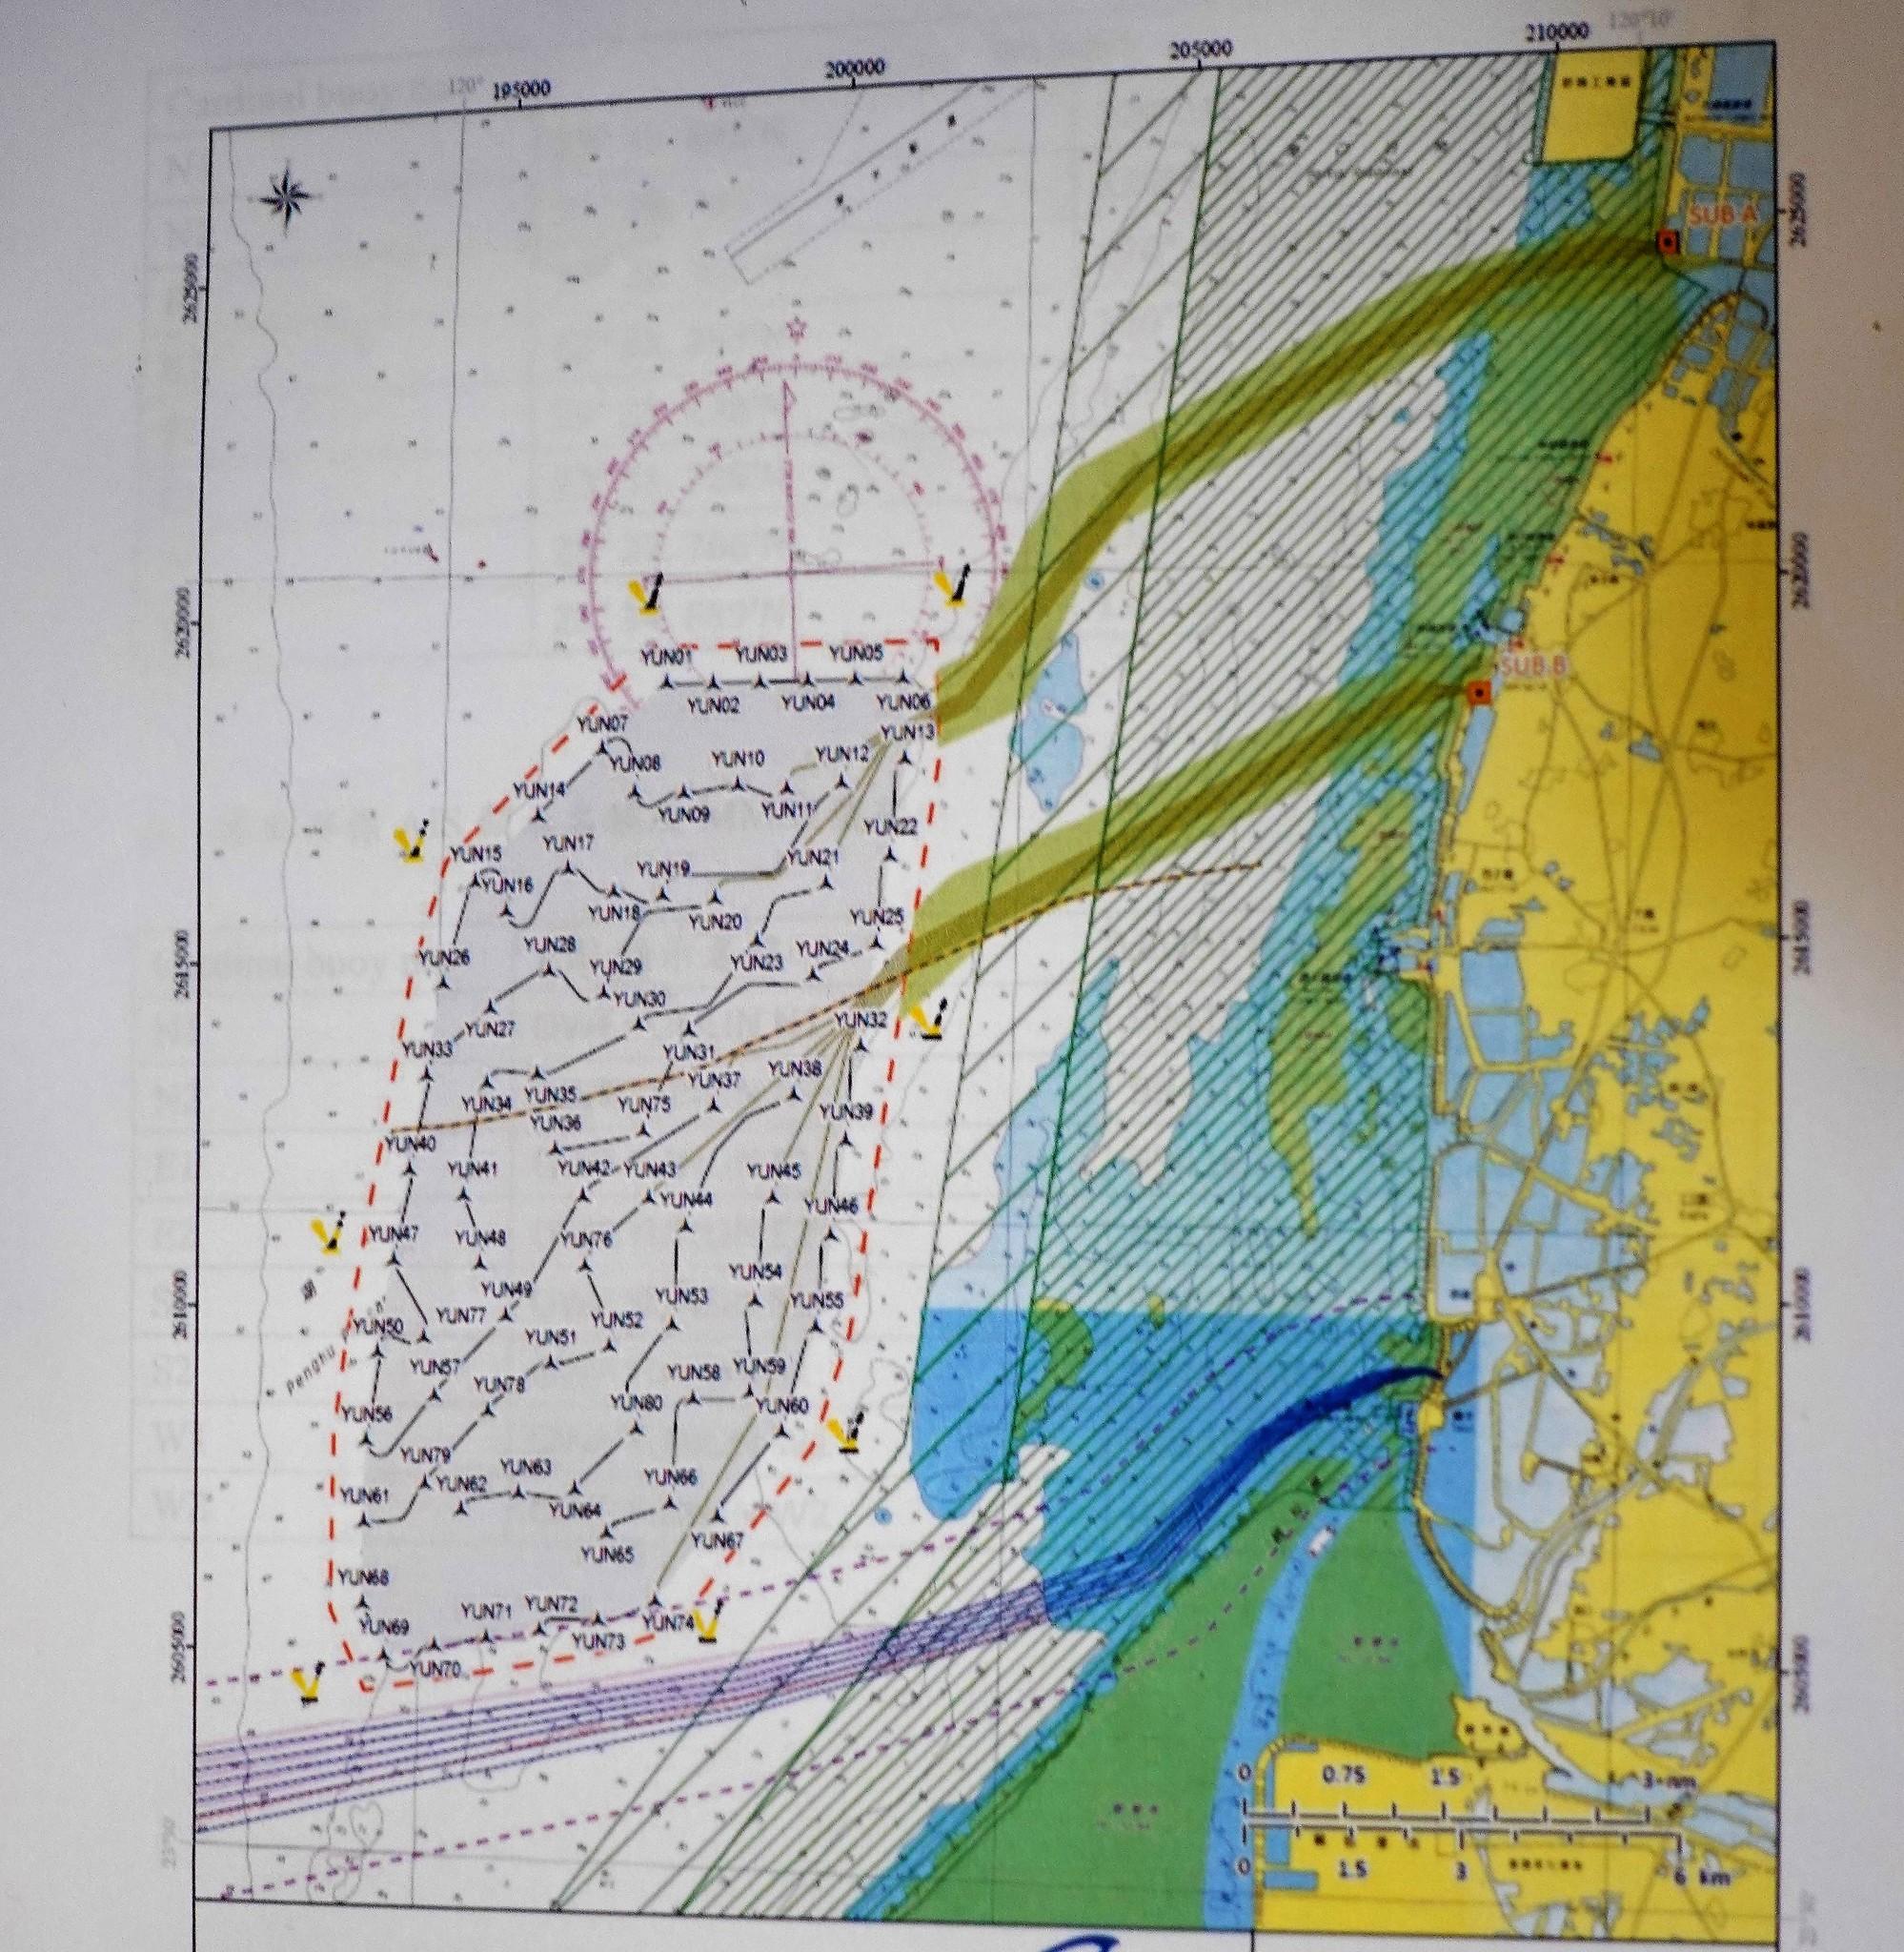 根據達德風力的設置規劃,包括兩條電纜和左側的風機,都與當地魚場重疊。(李平順提供)